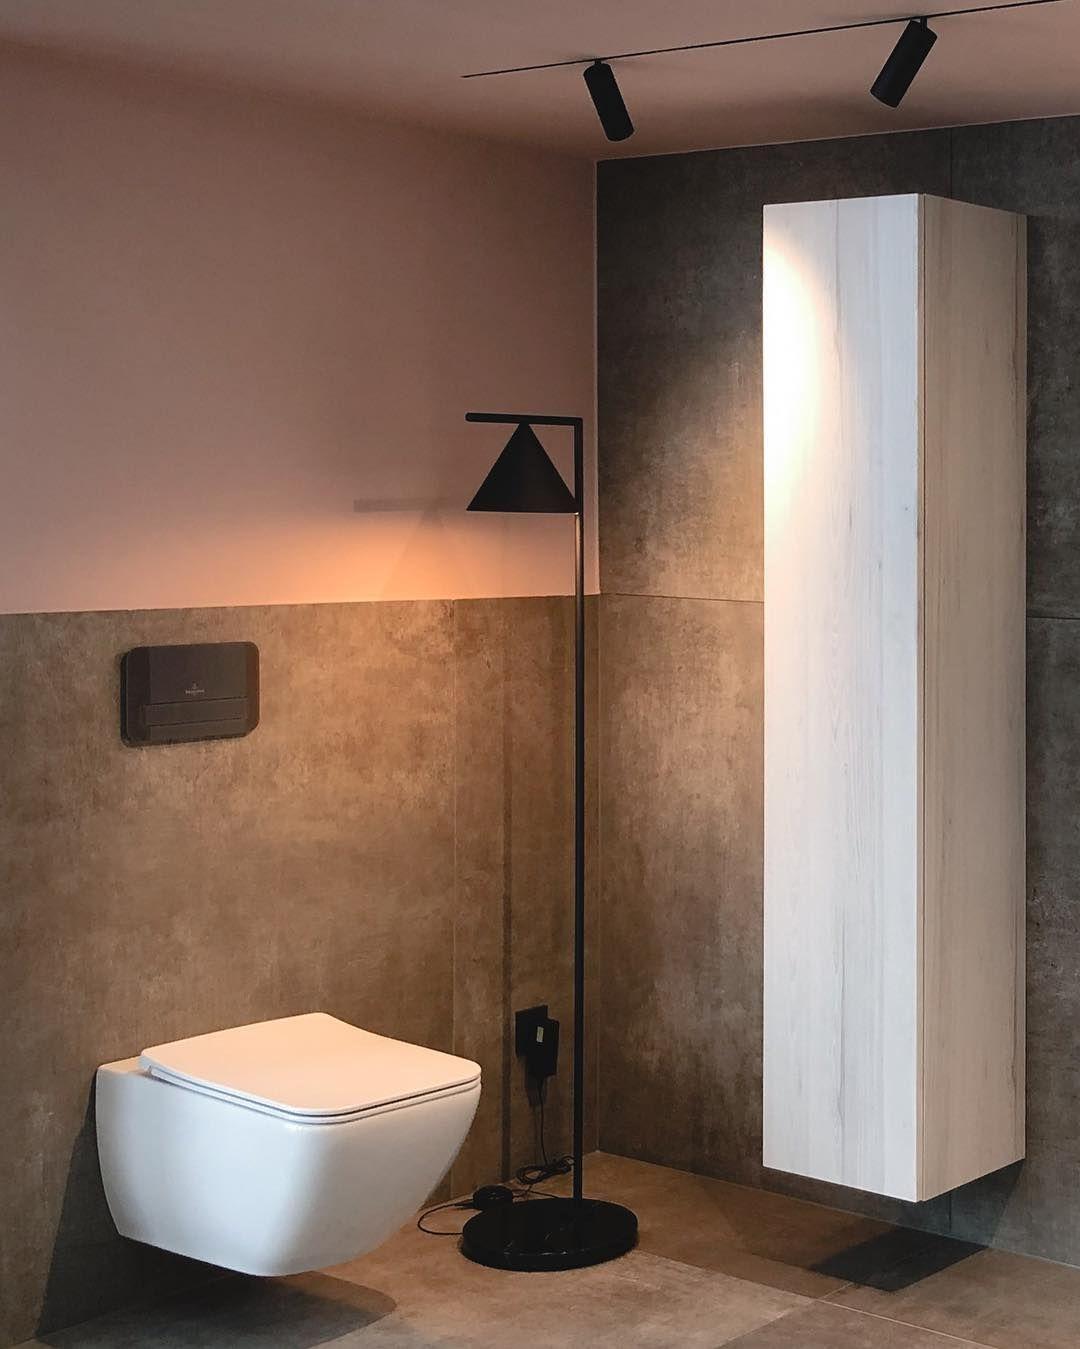 Wie Stehen Sie Zu Farbe Im Badezimmer Der Villeroy Boch Catwalk In Der Mein Holter Bad Ausstellung Wels Zeigt Dazu Ganz Viel Inspiration Bathroom Bathtub